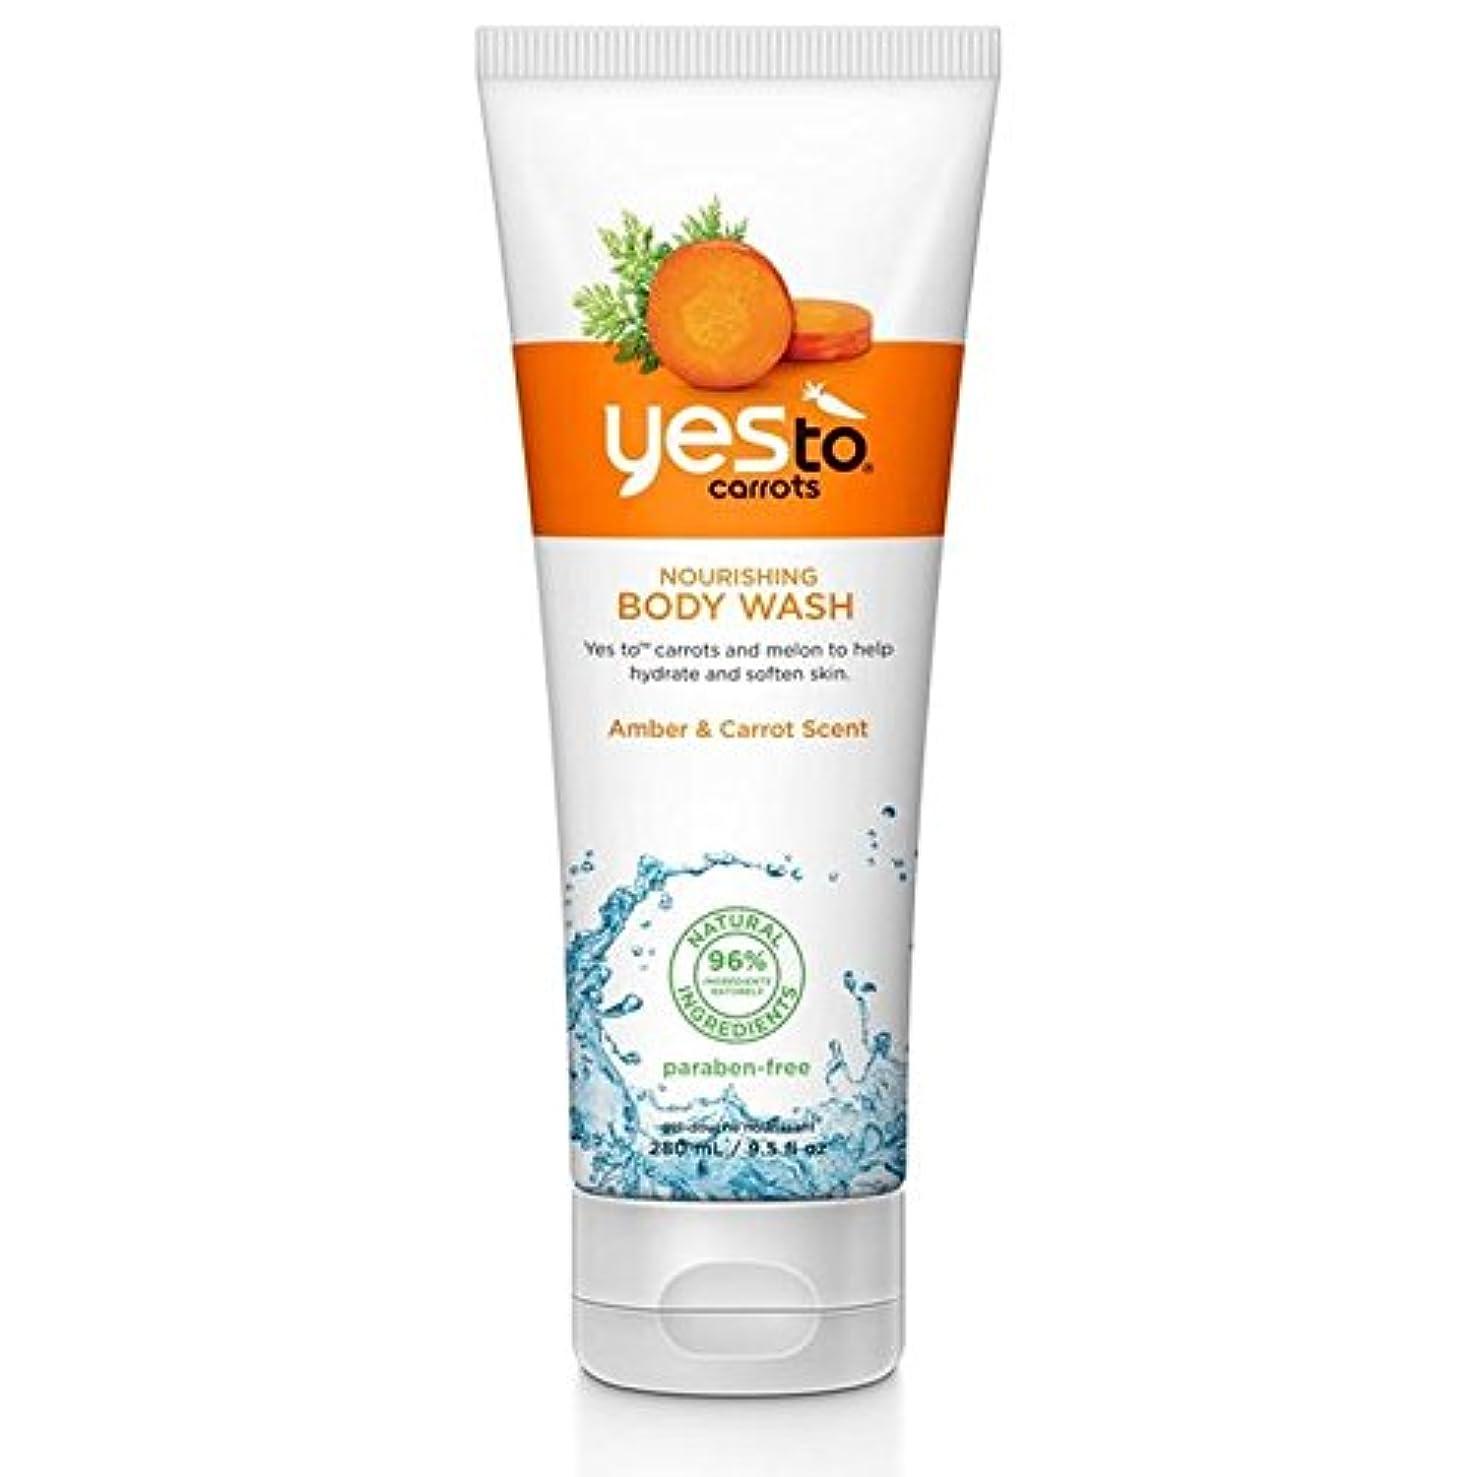 触手あらゆる種類のグレートオークYes To Carrots Nourishing Body Wash 280ml (Pack of 6) - はいボディウォッシュ280ミリリットル栄養ニンジンへ x6 [並行輸入品]